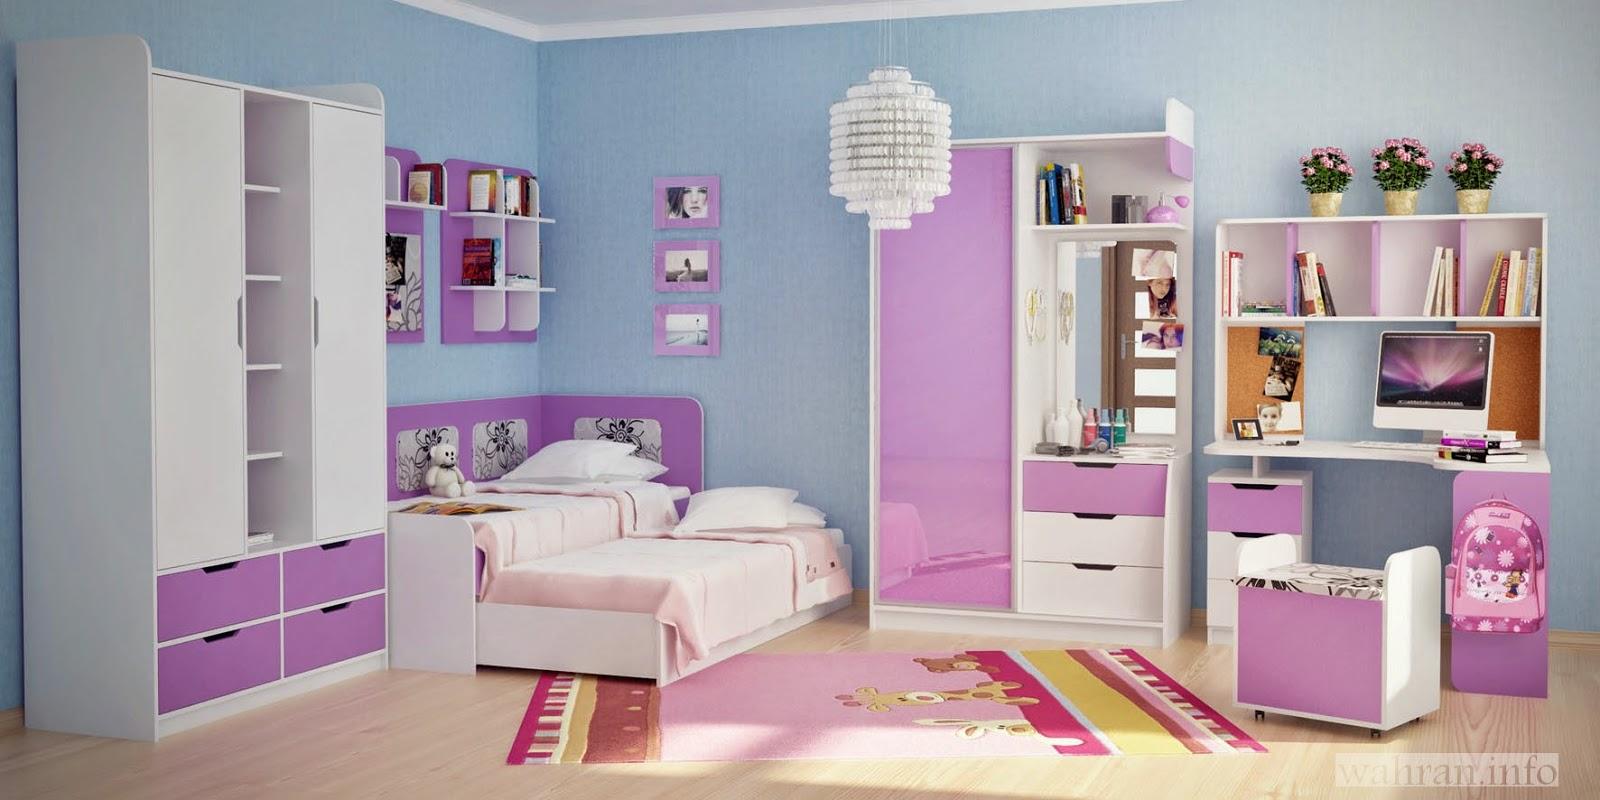 جديد ديكورات غرف نوم اطفال | Dz Fashion